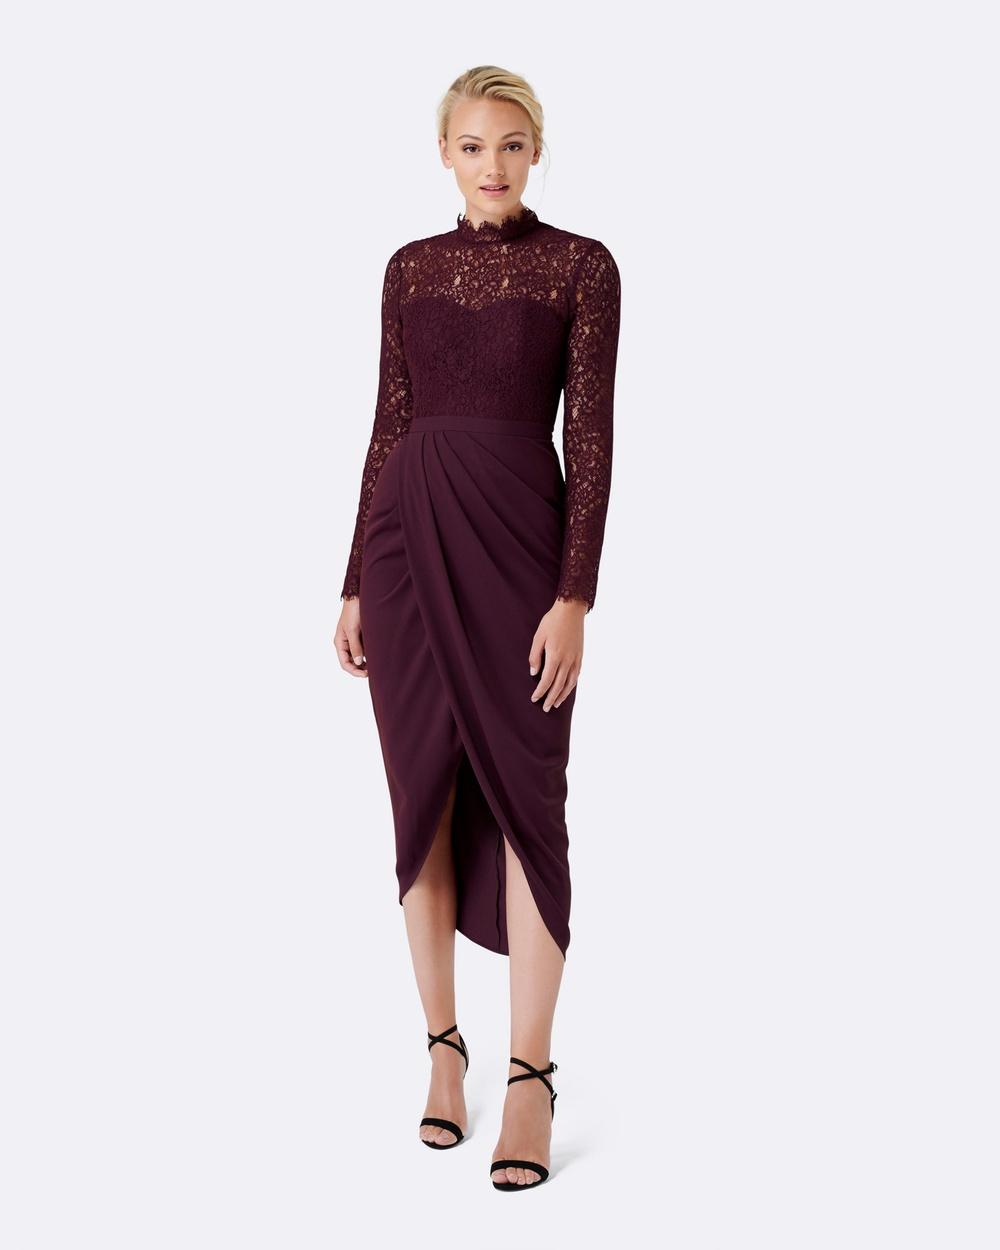 Forever New Larissa Lace Drape Maxi Dress Bridesmaid Dresses Wineberry Larissa Lace Drape Maxi Dress